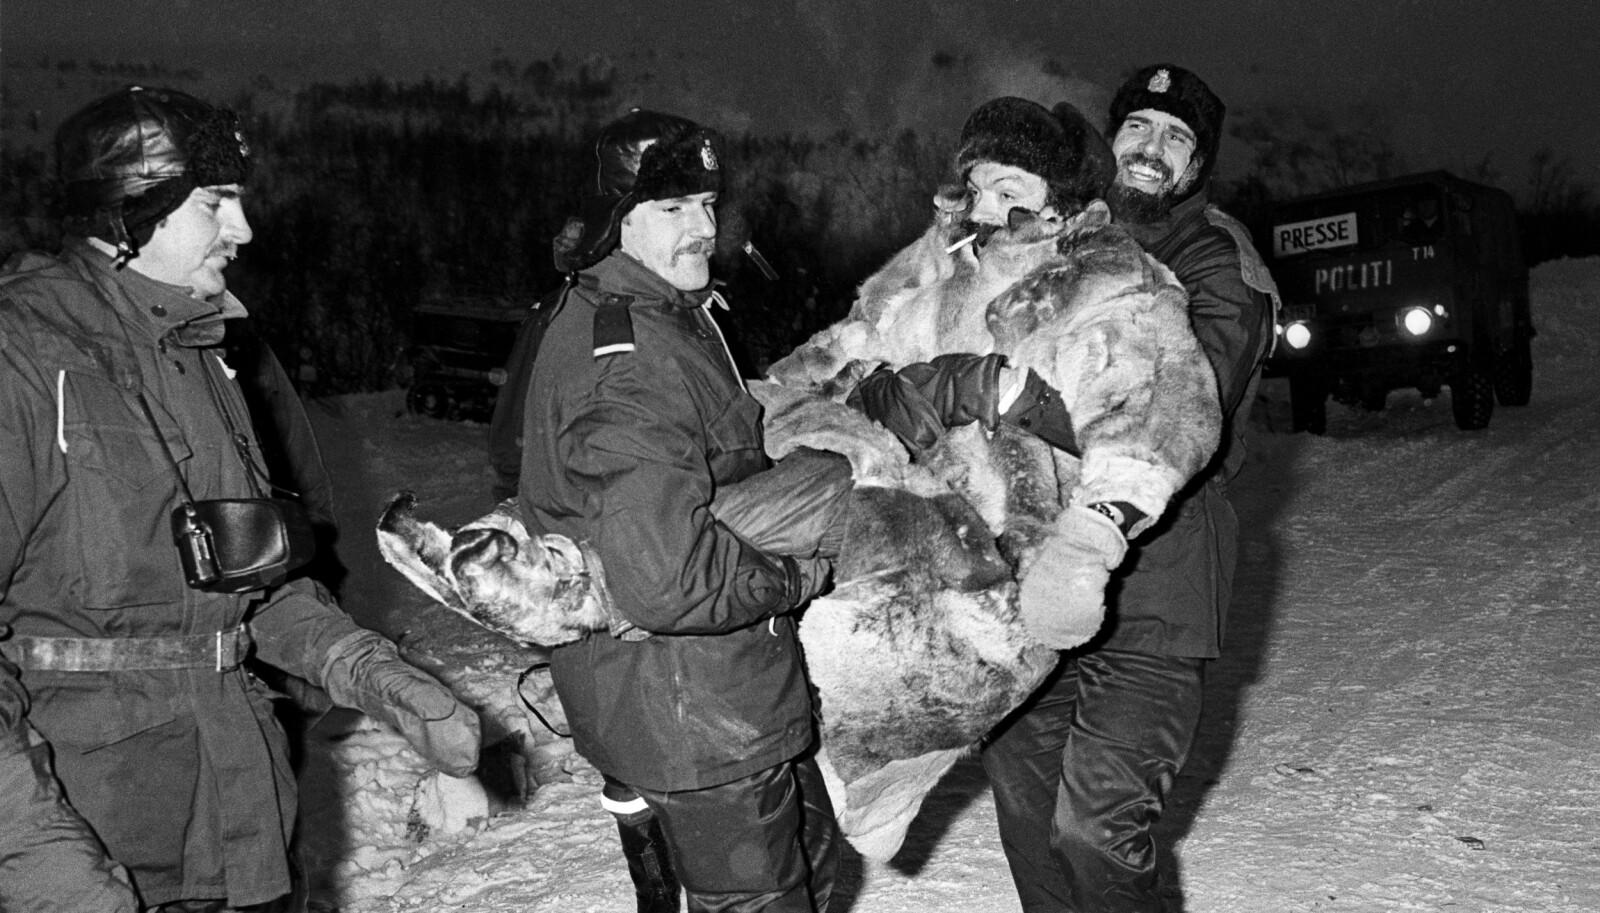 <strong>BÆREHJELP: </strong>Den samiske skuespilleren Nils Utsi var en markant skikkelse under demonstrasjonene. Lars Erik Dalland (holder bena) fikk æren av å bære bort skuespilleren.